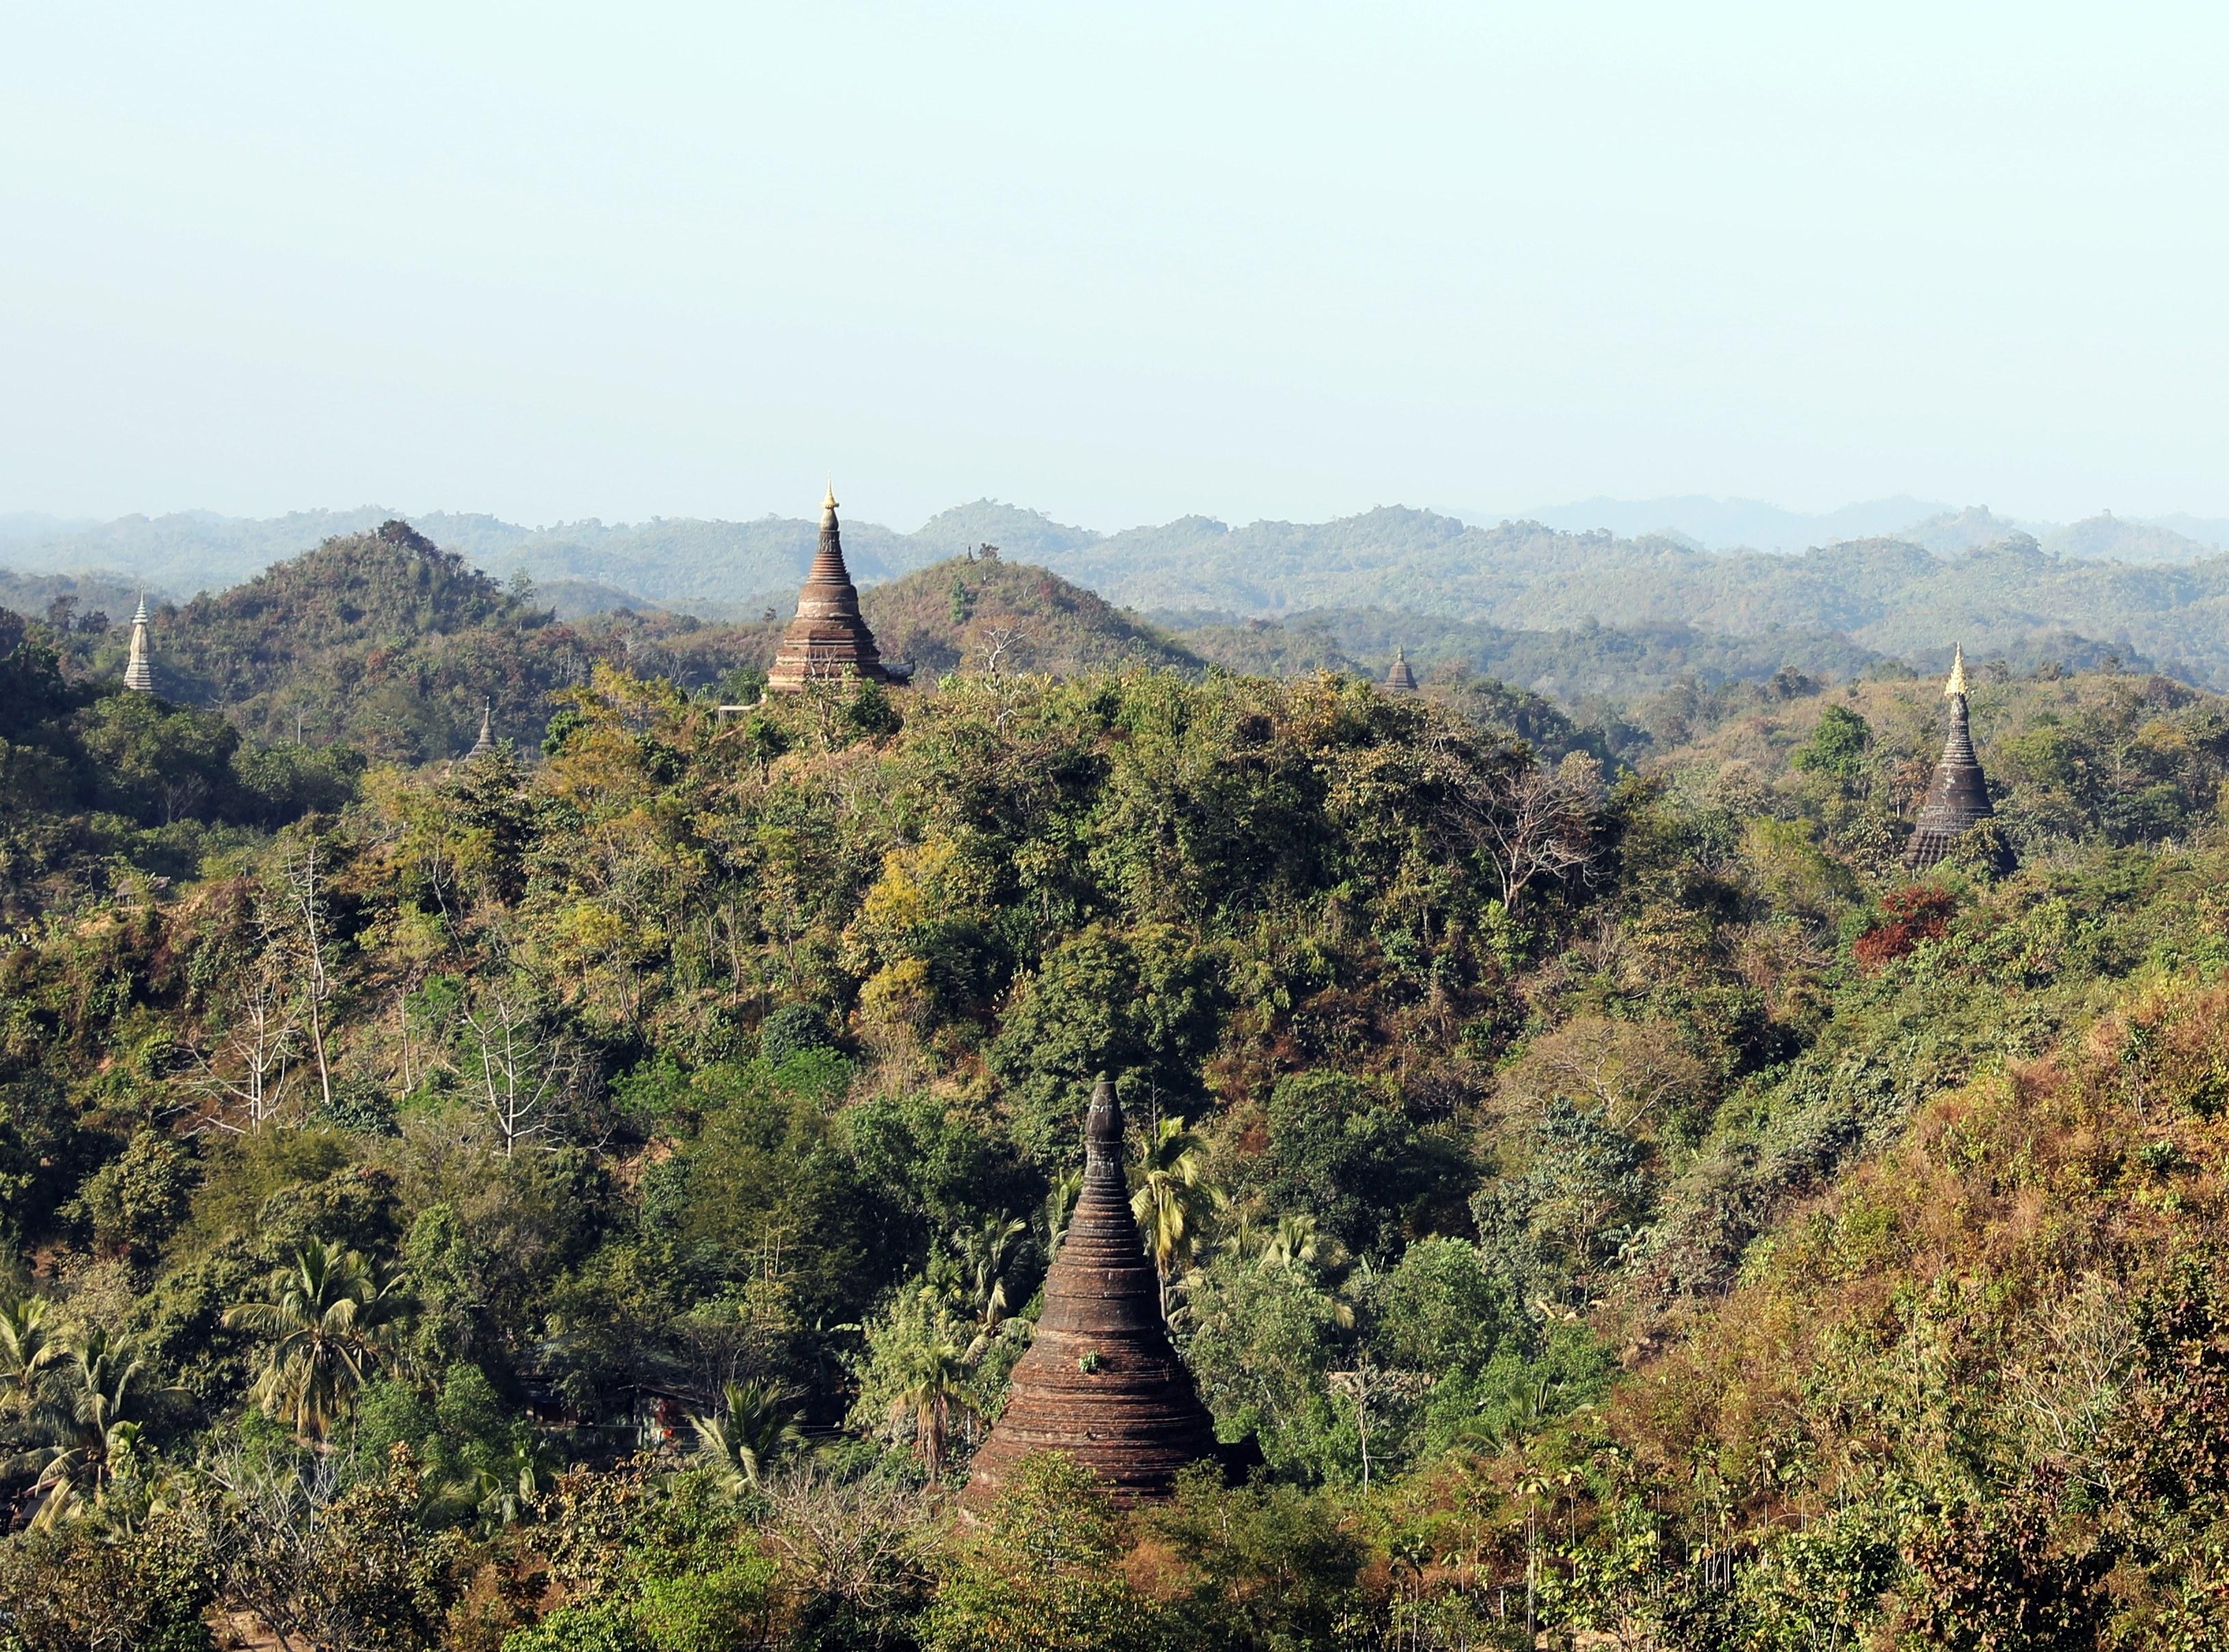 View of Mrauk U